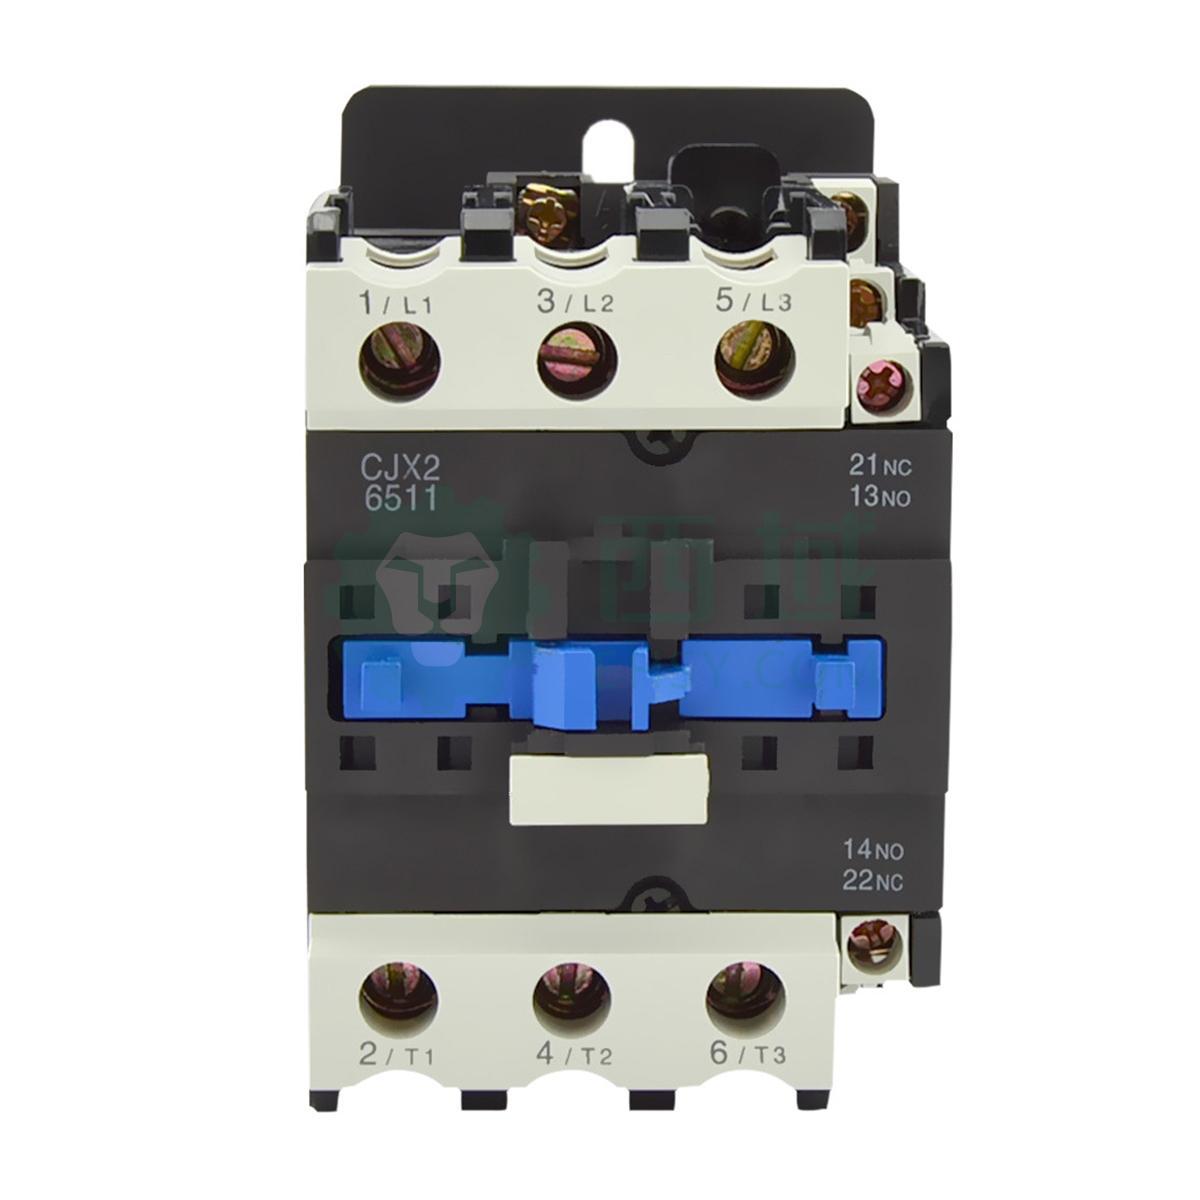 正泰cjx2交流线圈接触器,cjx2-6511 42v